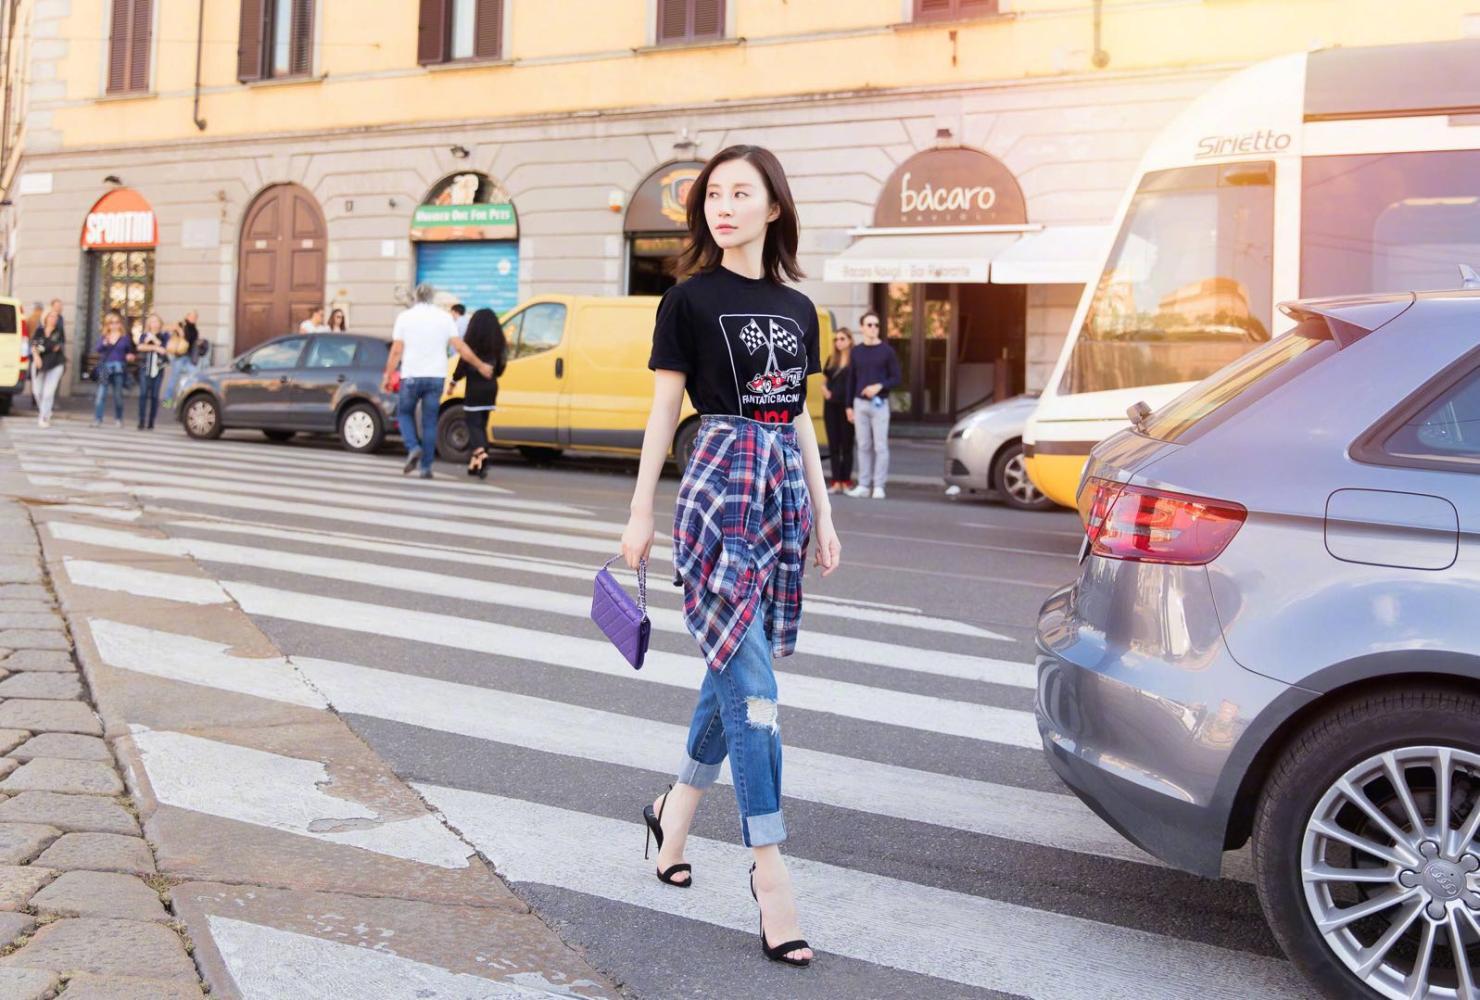 舒畅晒出新的街拍造型,这次格子衬衫的穿法很特别!